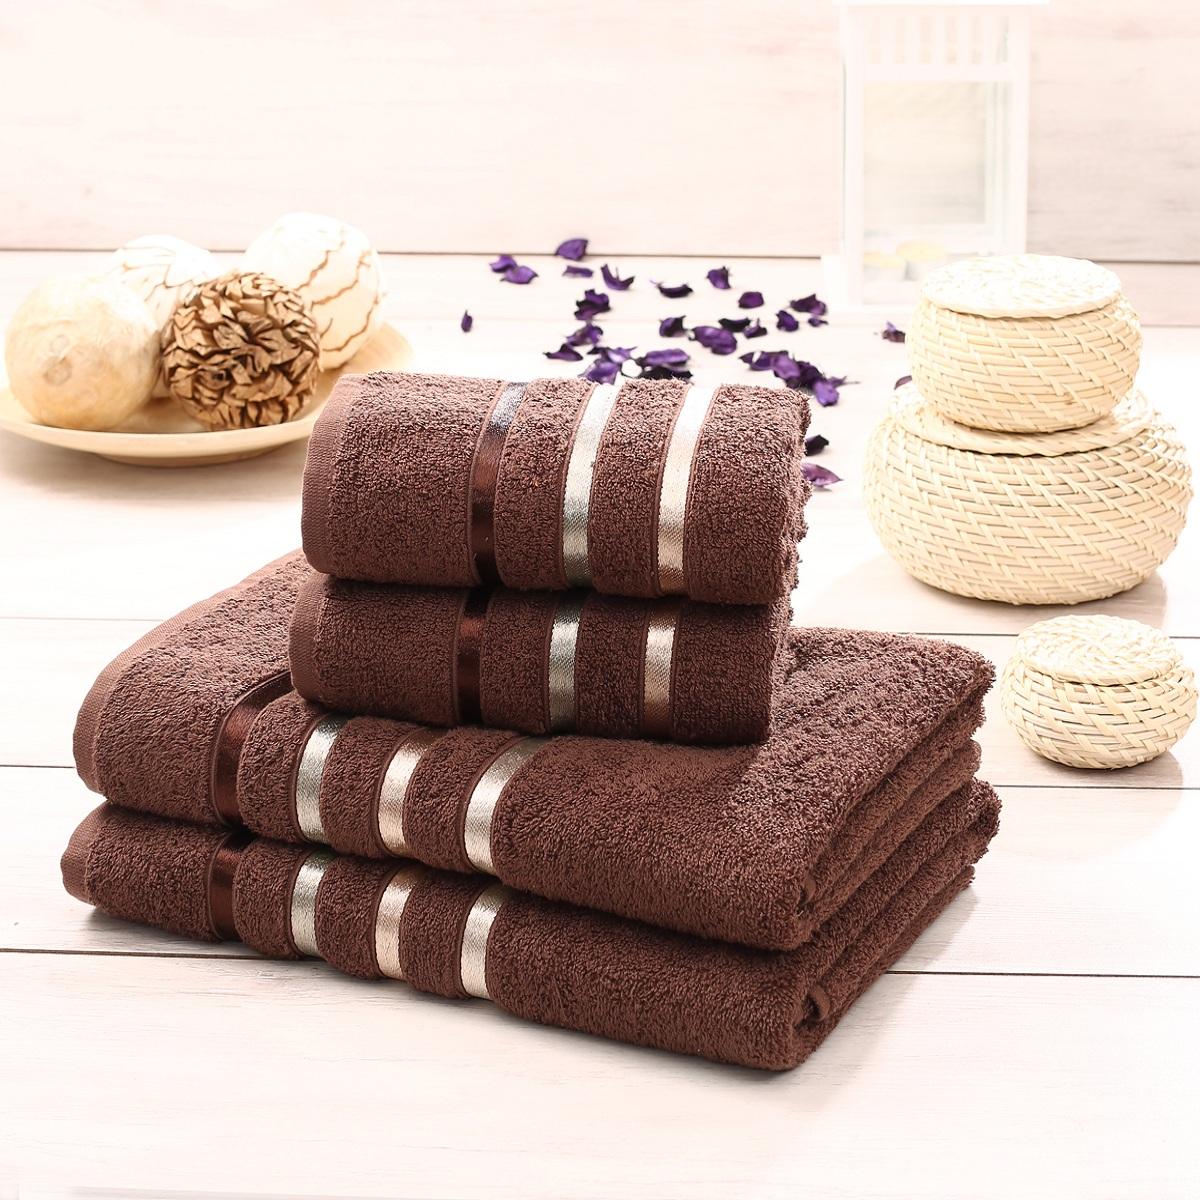 Набор махровых полотенец Karna Bale, цвет: коричневый, 4 шт. 953/CHAR01510503Набор Karna Bale включает 2 полотенца для лица, рук и 2 банных полотенца. Изделия выполнены из высококачественного хлопка с отделкой в виде полос. Каждое полотенце отличается нежностью и мягкостью материала, утонченным дизайном и превосходным качеством. Они прекрасно впитывают влагу, быстро сохнут и не теряют своих свойств после многократных стирок. Такой набор создаст в вашей ванной царственное великолепие и подарит чувство ослепительного торжества. А также станет приятным подарком для ваших близких или друзей. Набор украшен текстильной лентой. Размер:50 x 80 см - 2шт. и 70 x 140 см - 2 шт.